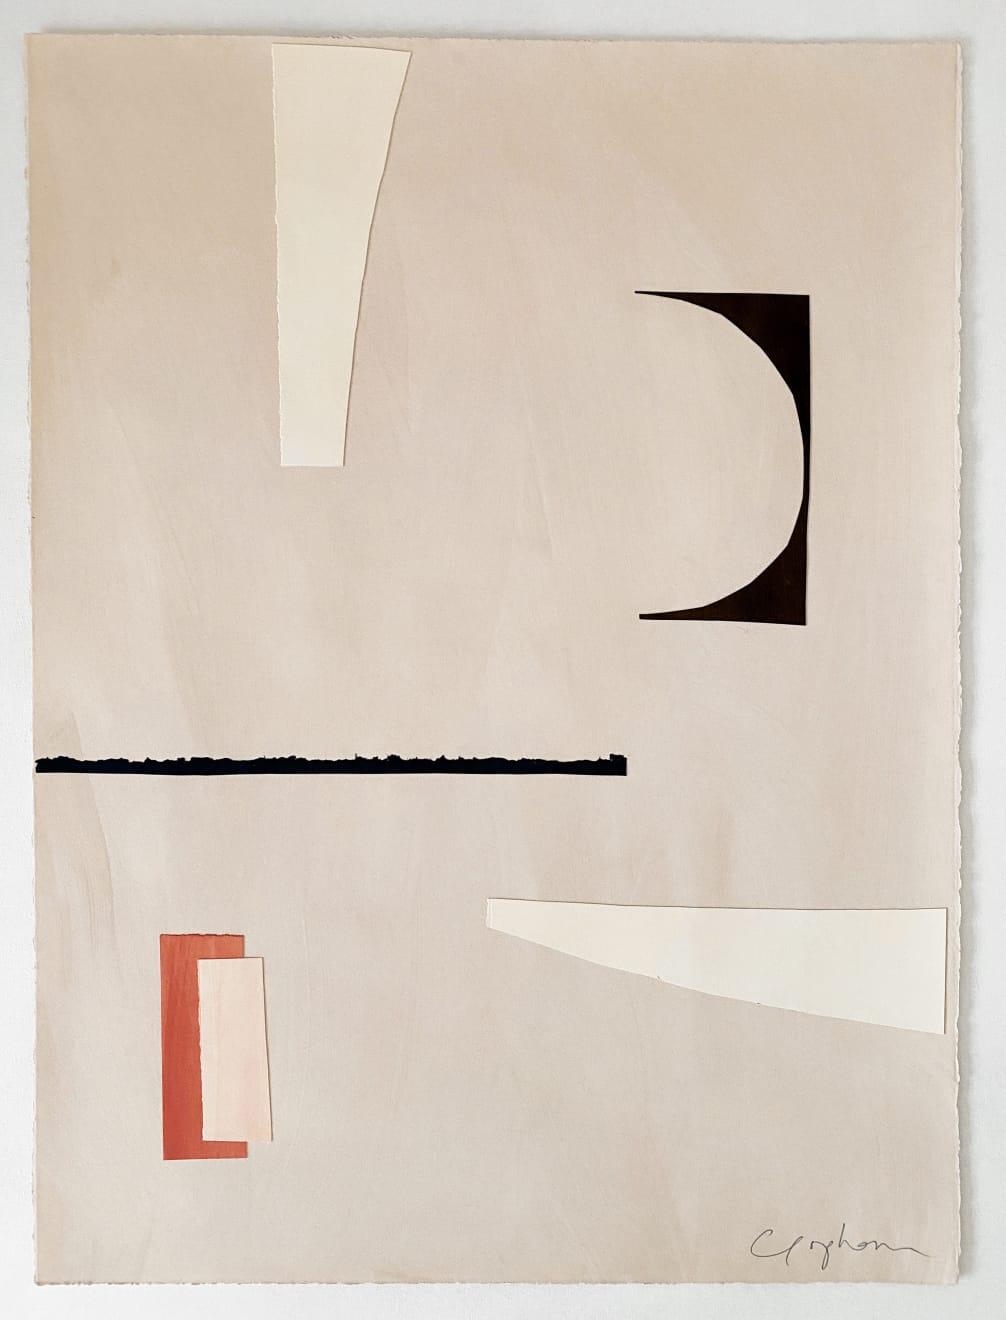 Caroline Popham, Untitled 20-14, 2020